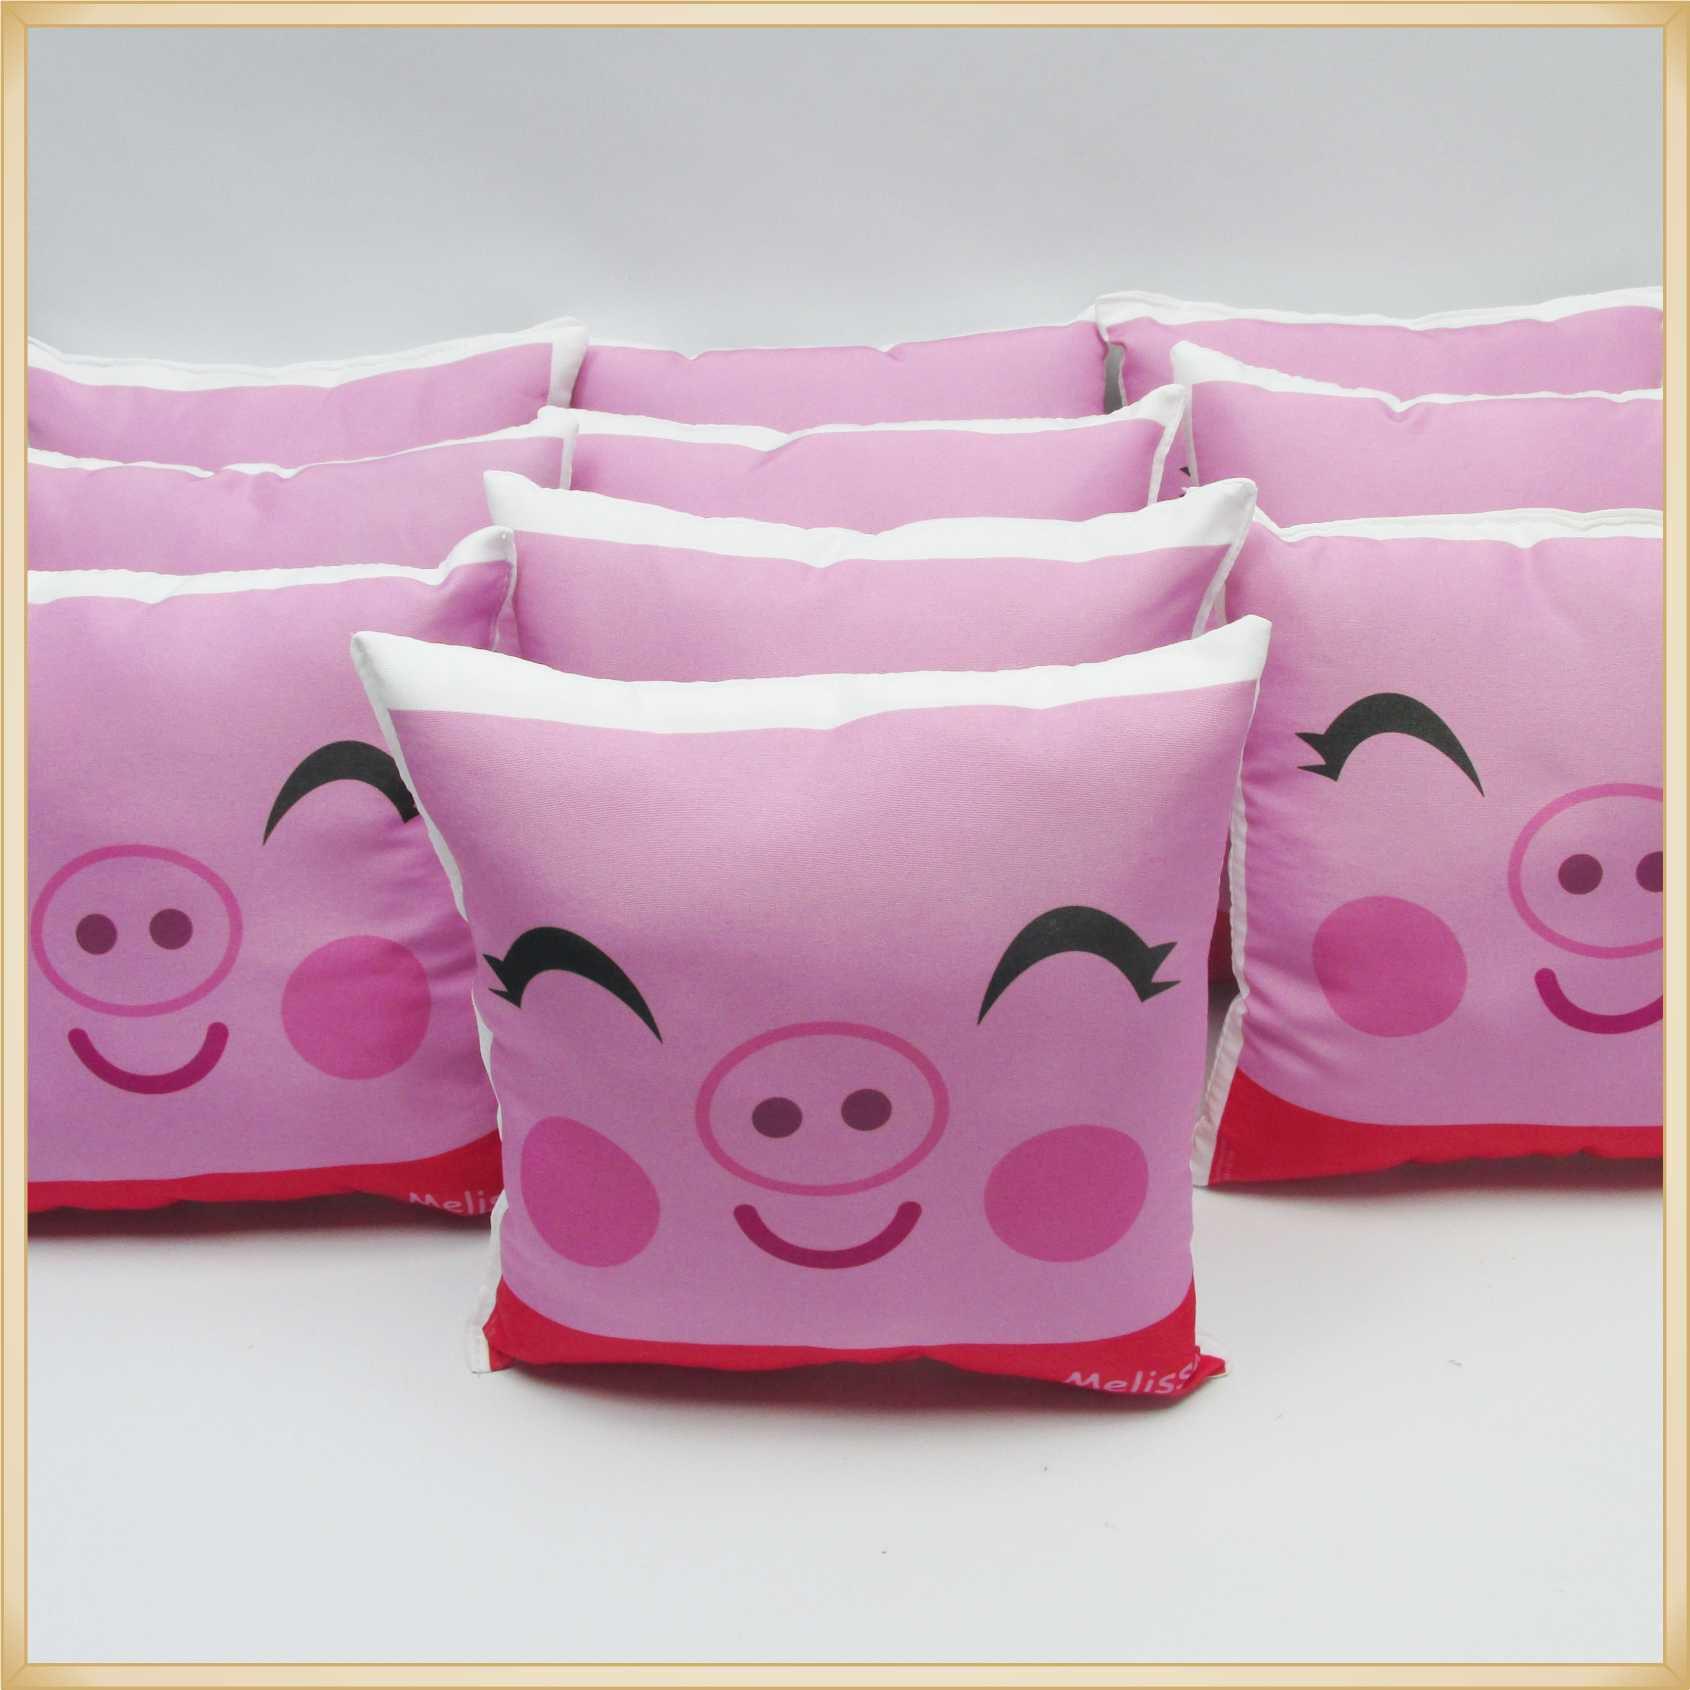 Almofadas Cute Baby Personalizadas Lembrancinhas para festa de Aniversário infantil Brinde para crianças - Kit com 10 unidades.